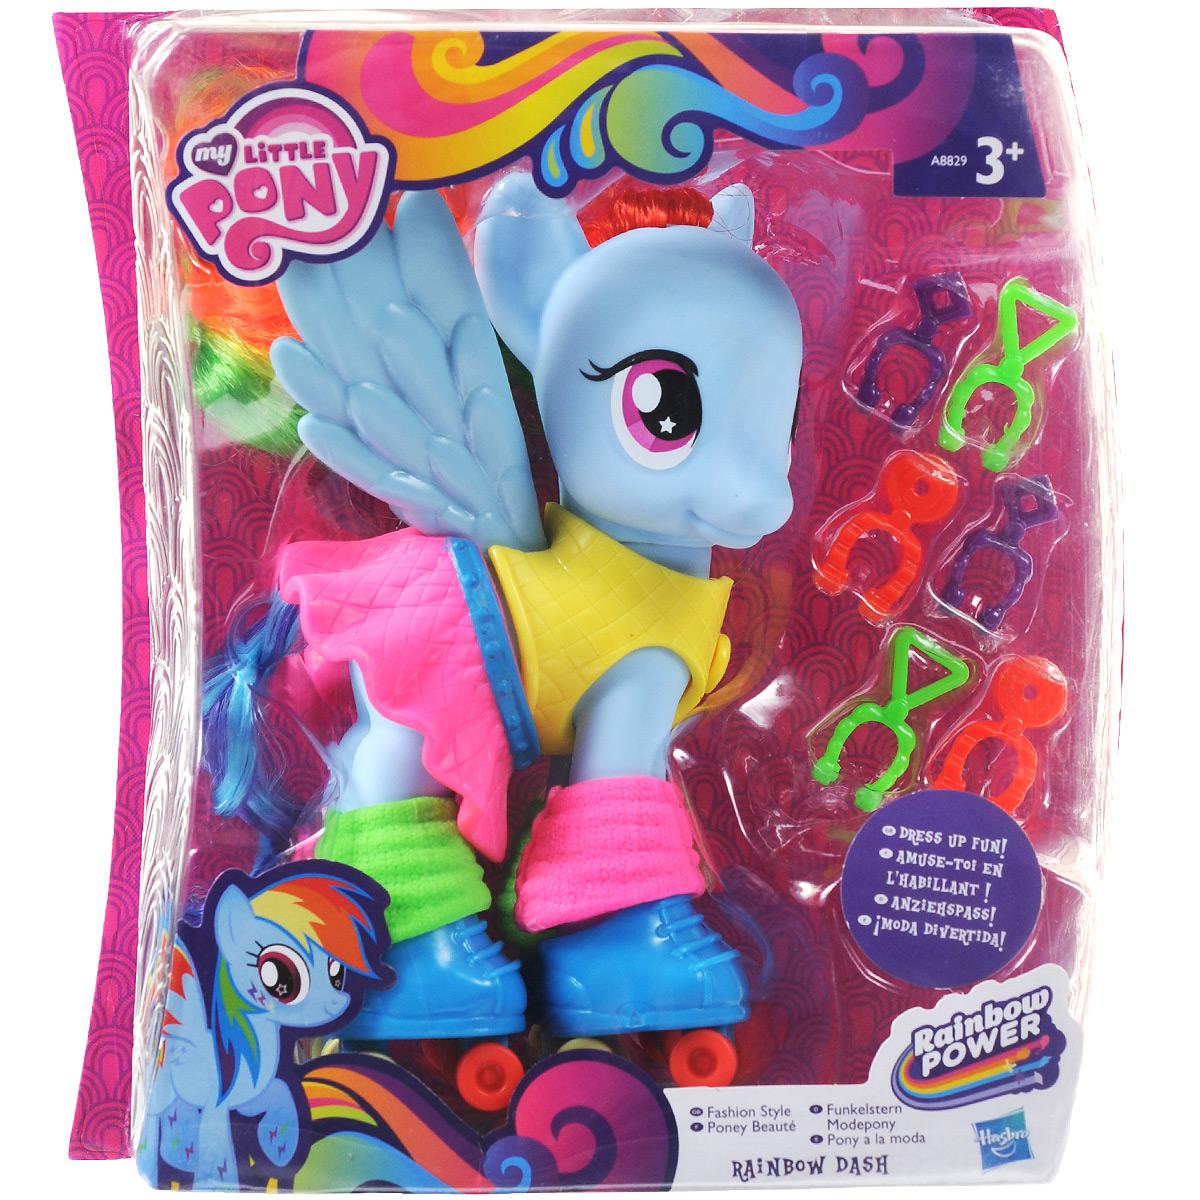 Пони картинки игрушки радуга деш супер пони